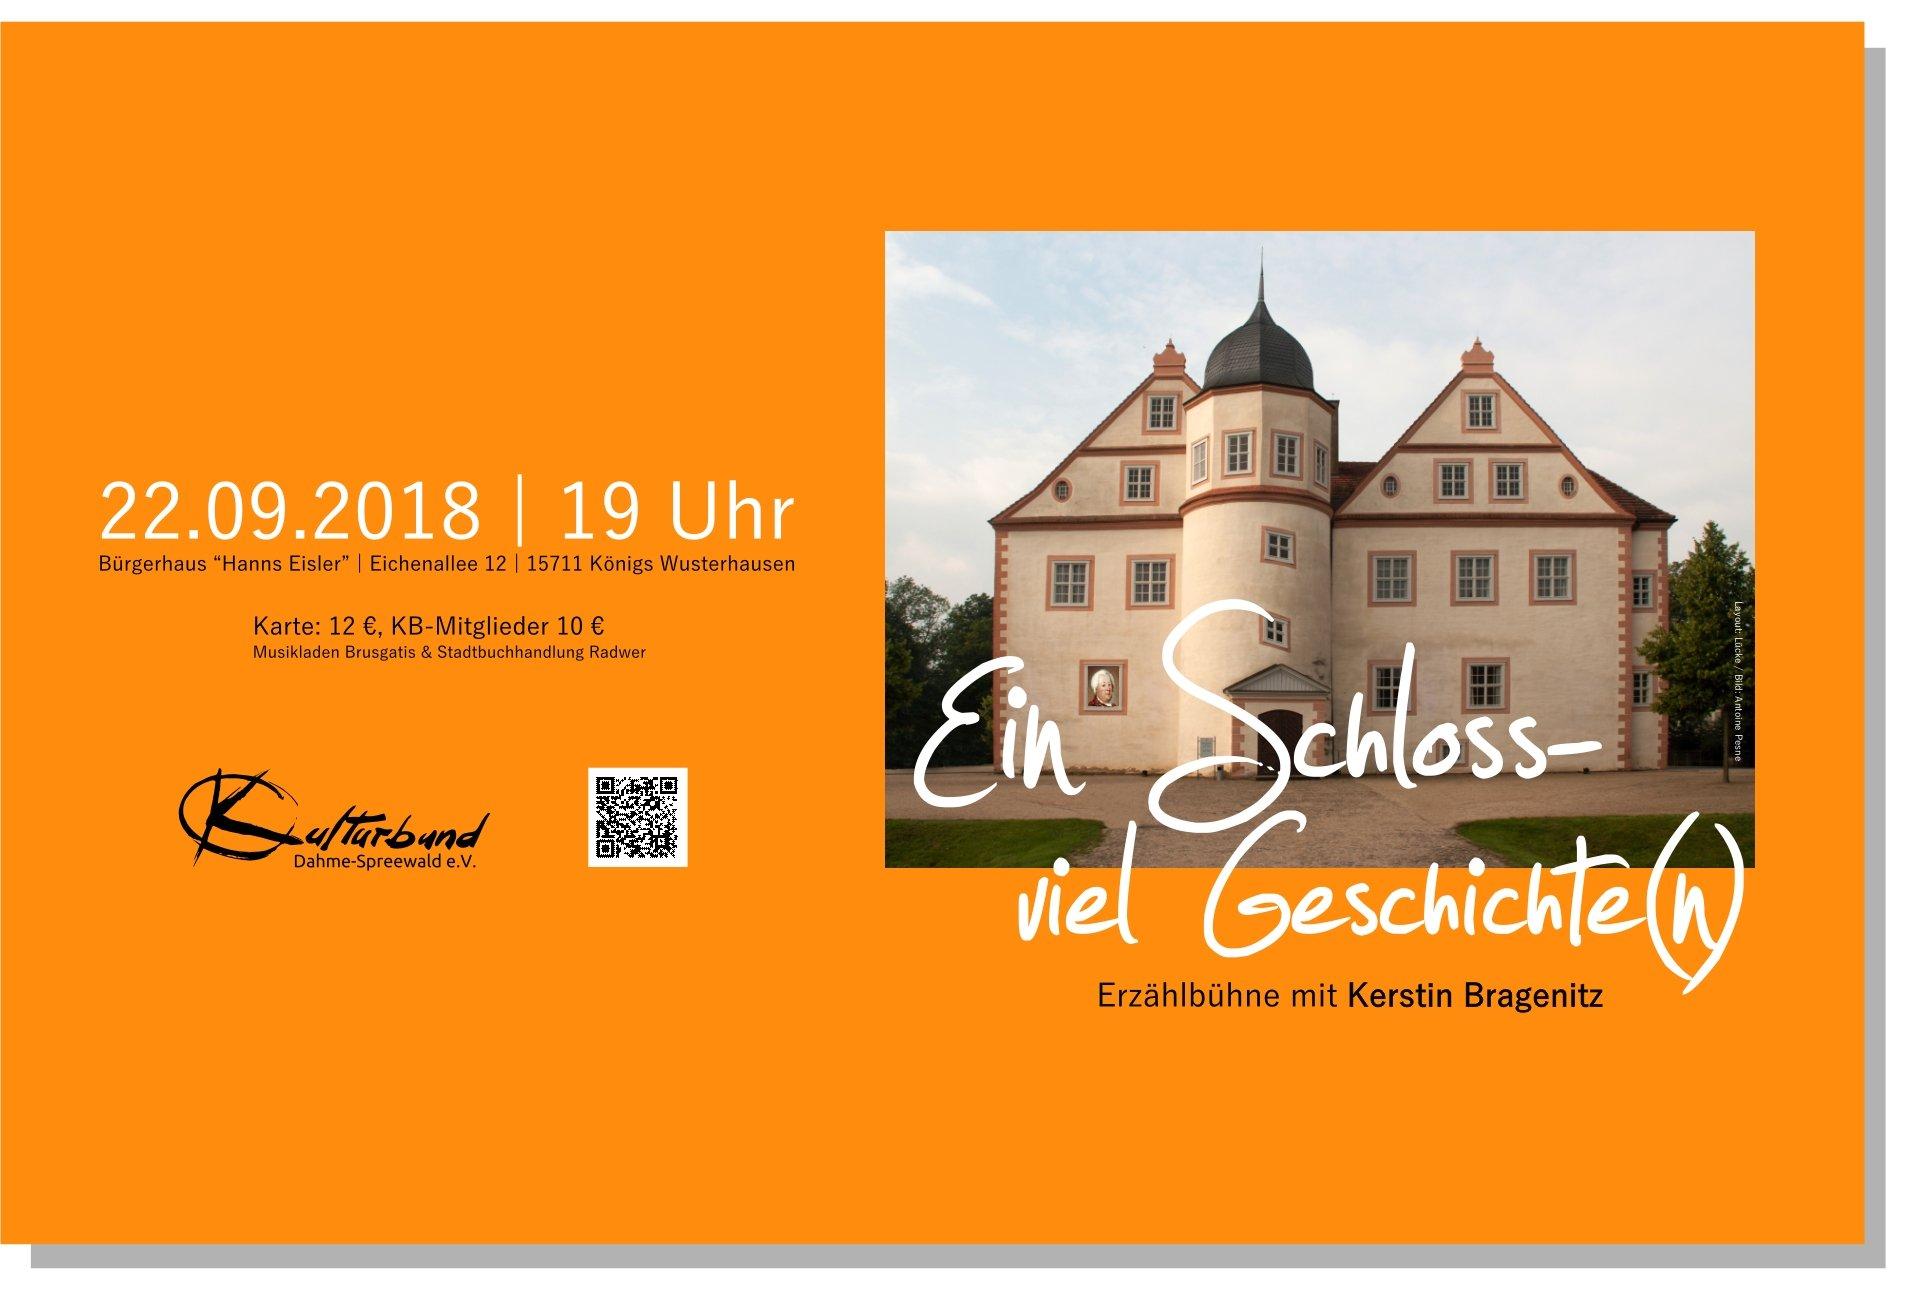 Ein Schloss – viel Geschichte(n)